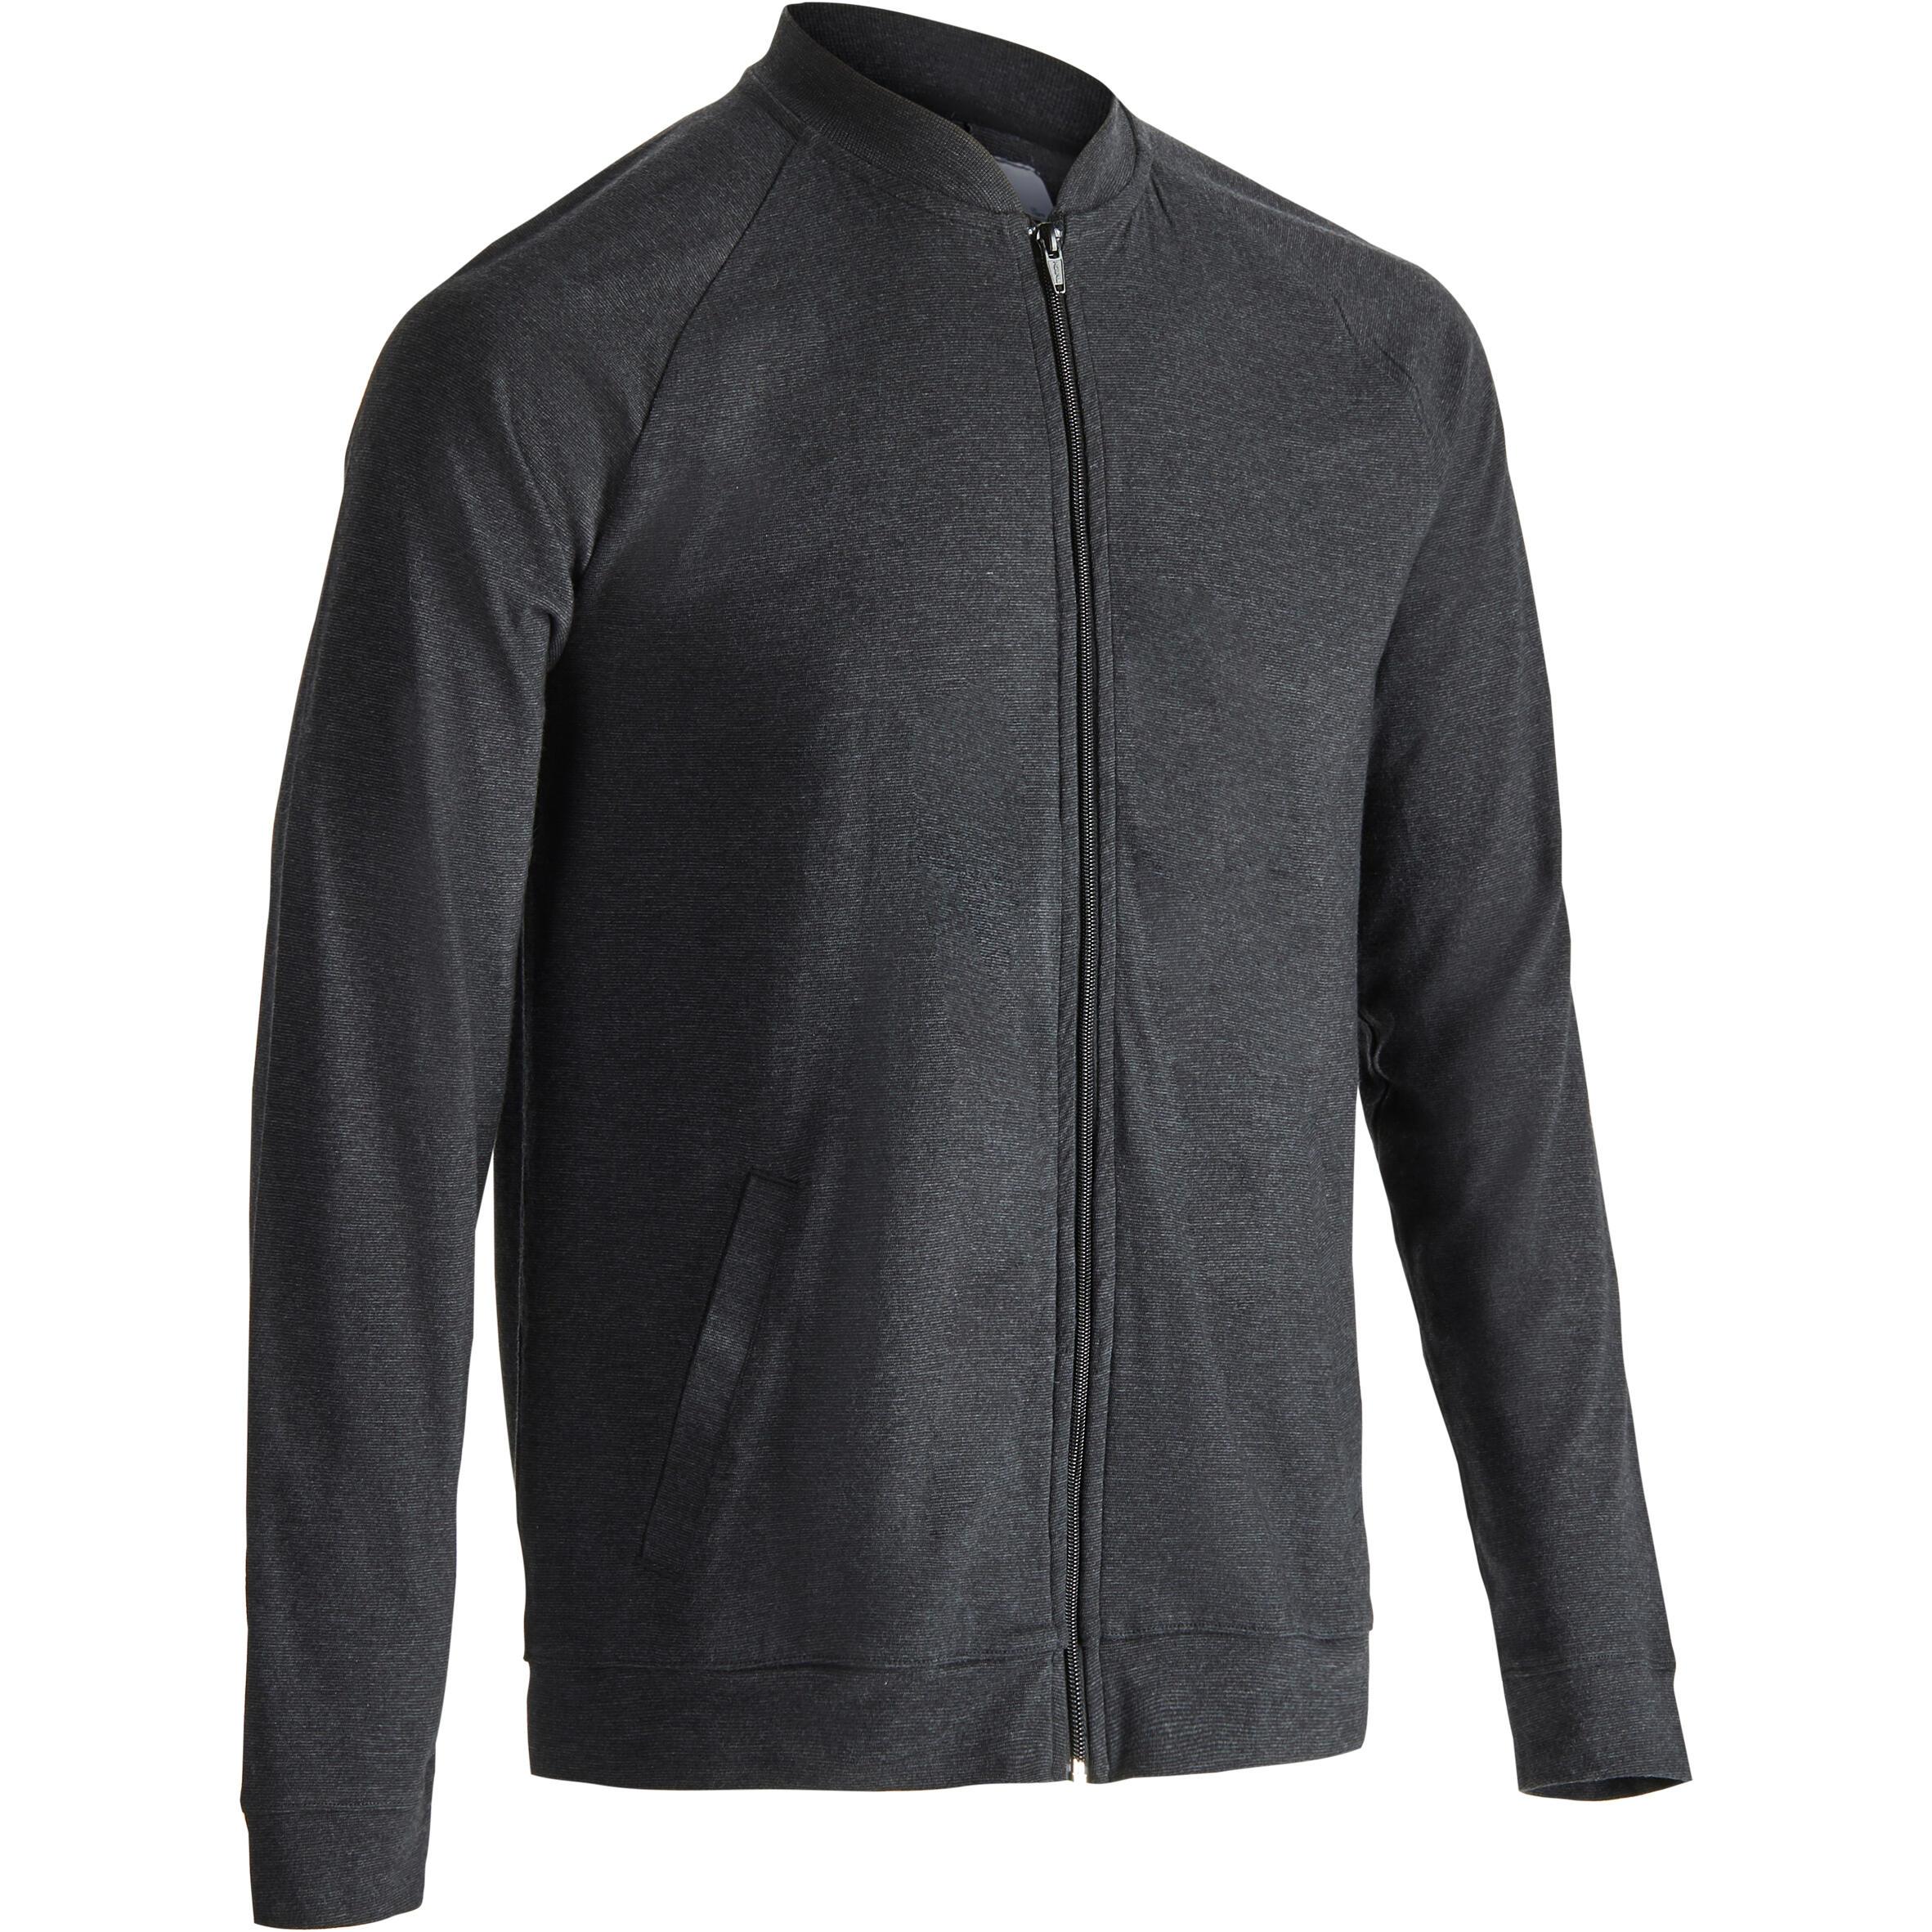 Domyos Vest 100 voor gym en pilates heren carbongrijs